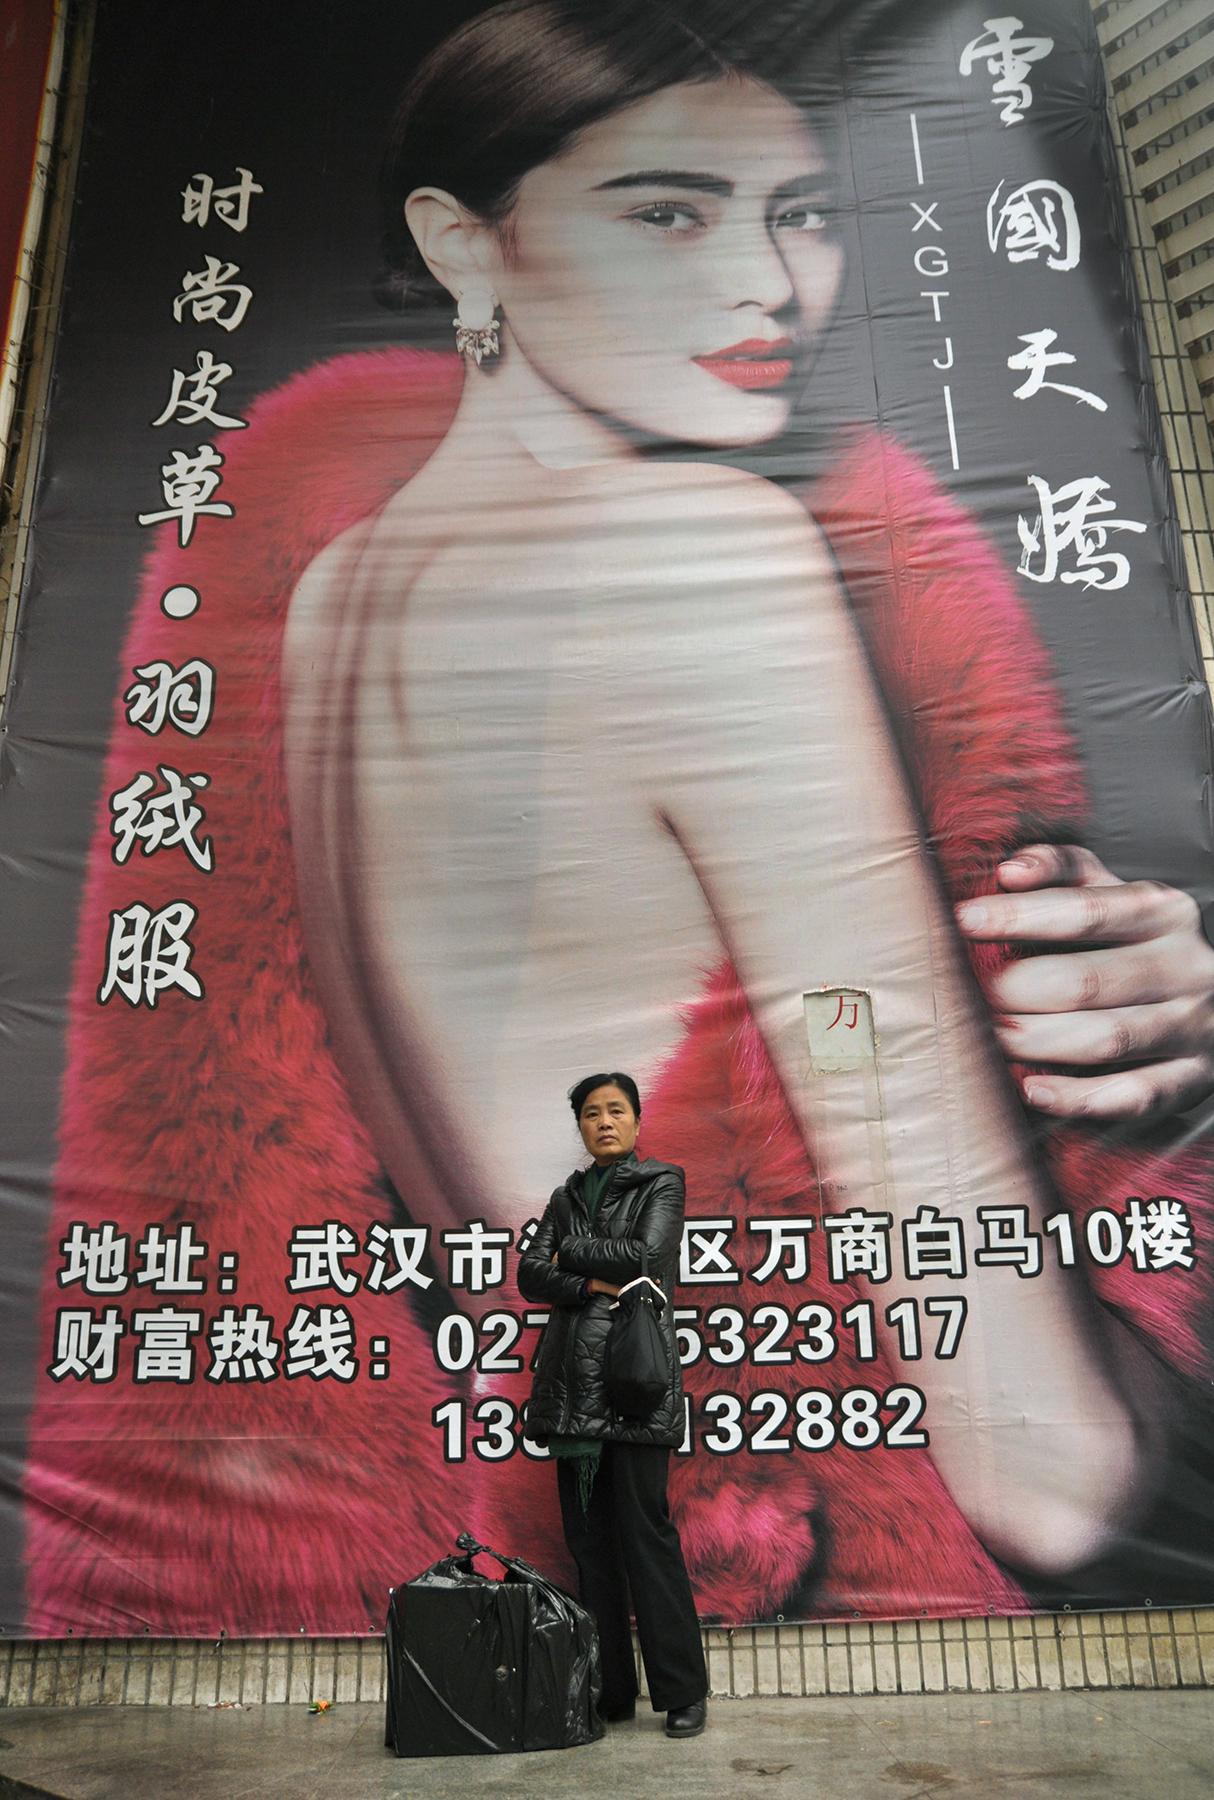 Han Zheng Street, Wuhan